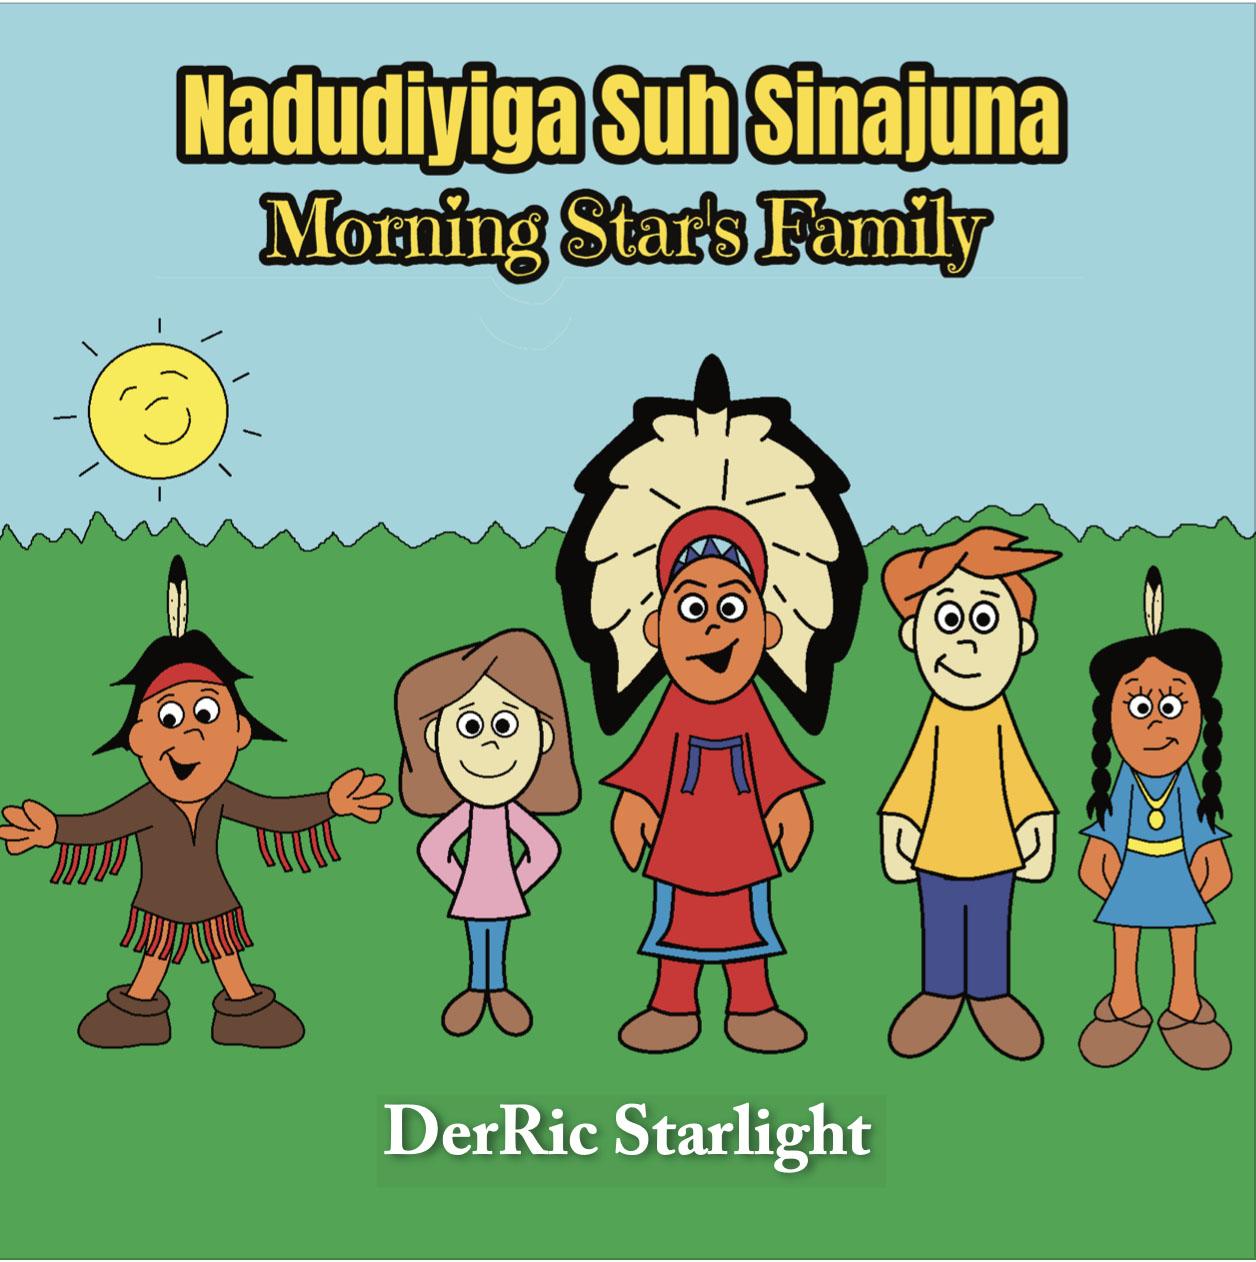 Nadudiyiga Suh Sinajuna = Morning Star's Family